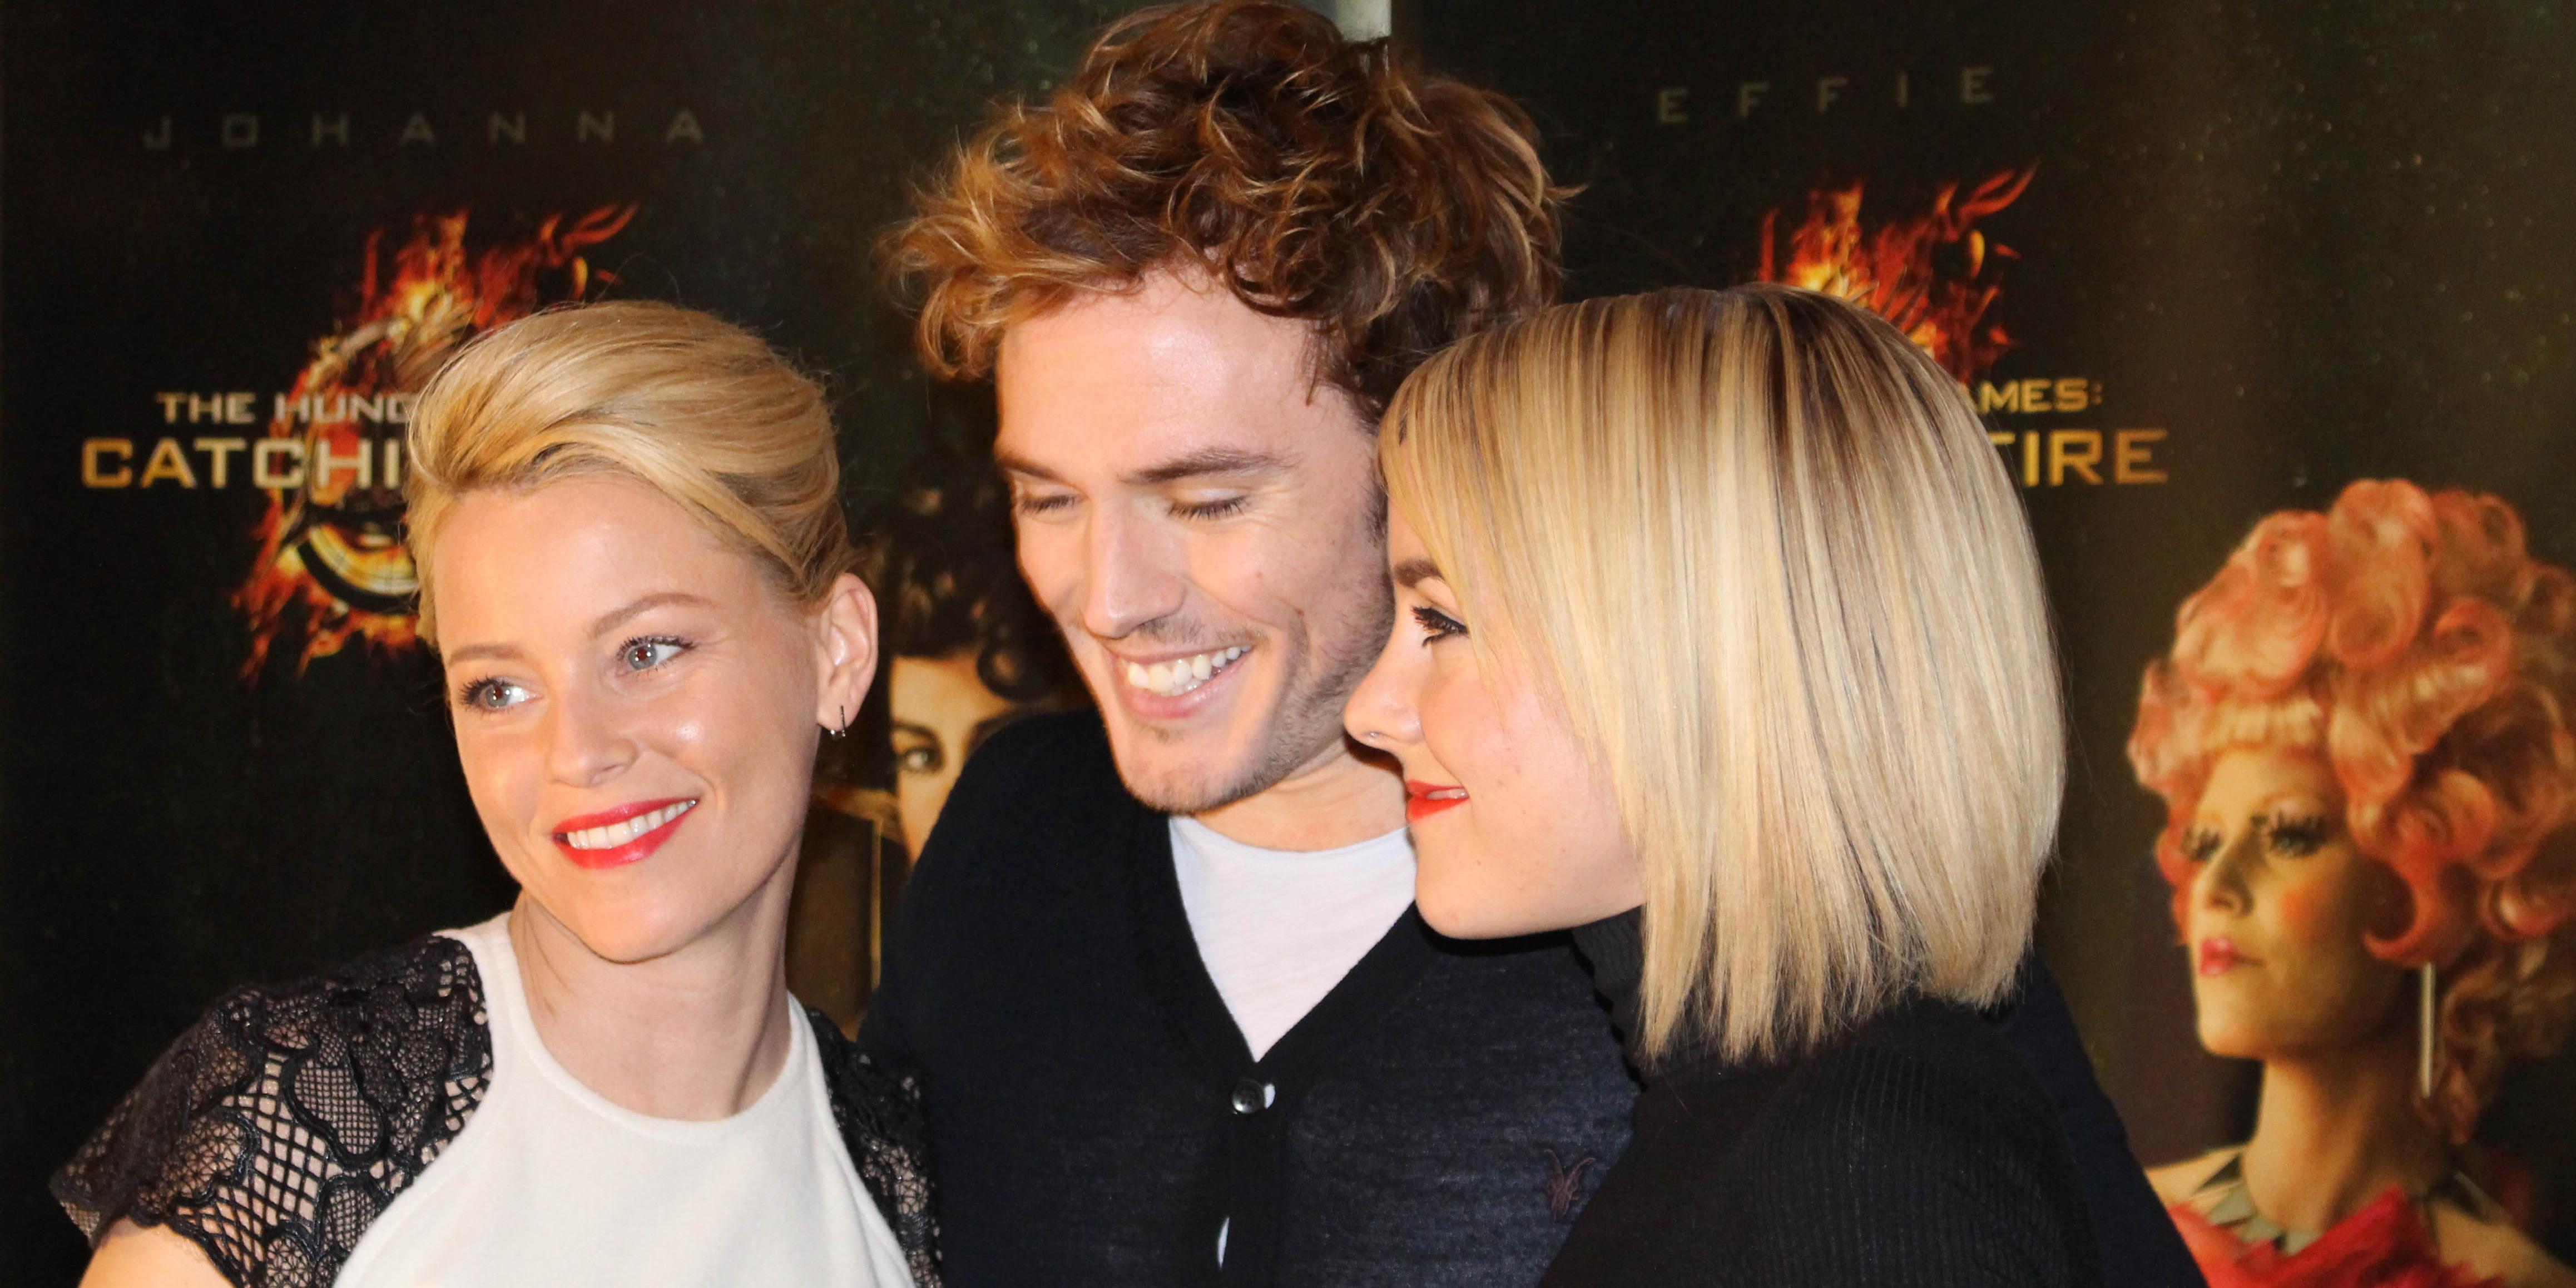 Elizabeth Banks, Sam Claflin og Jena Malone møter pressen i Oslo i forbindelse med premieren på The Hunger Games: Catching Fire